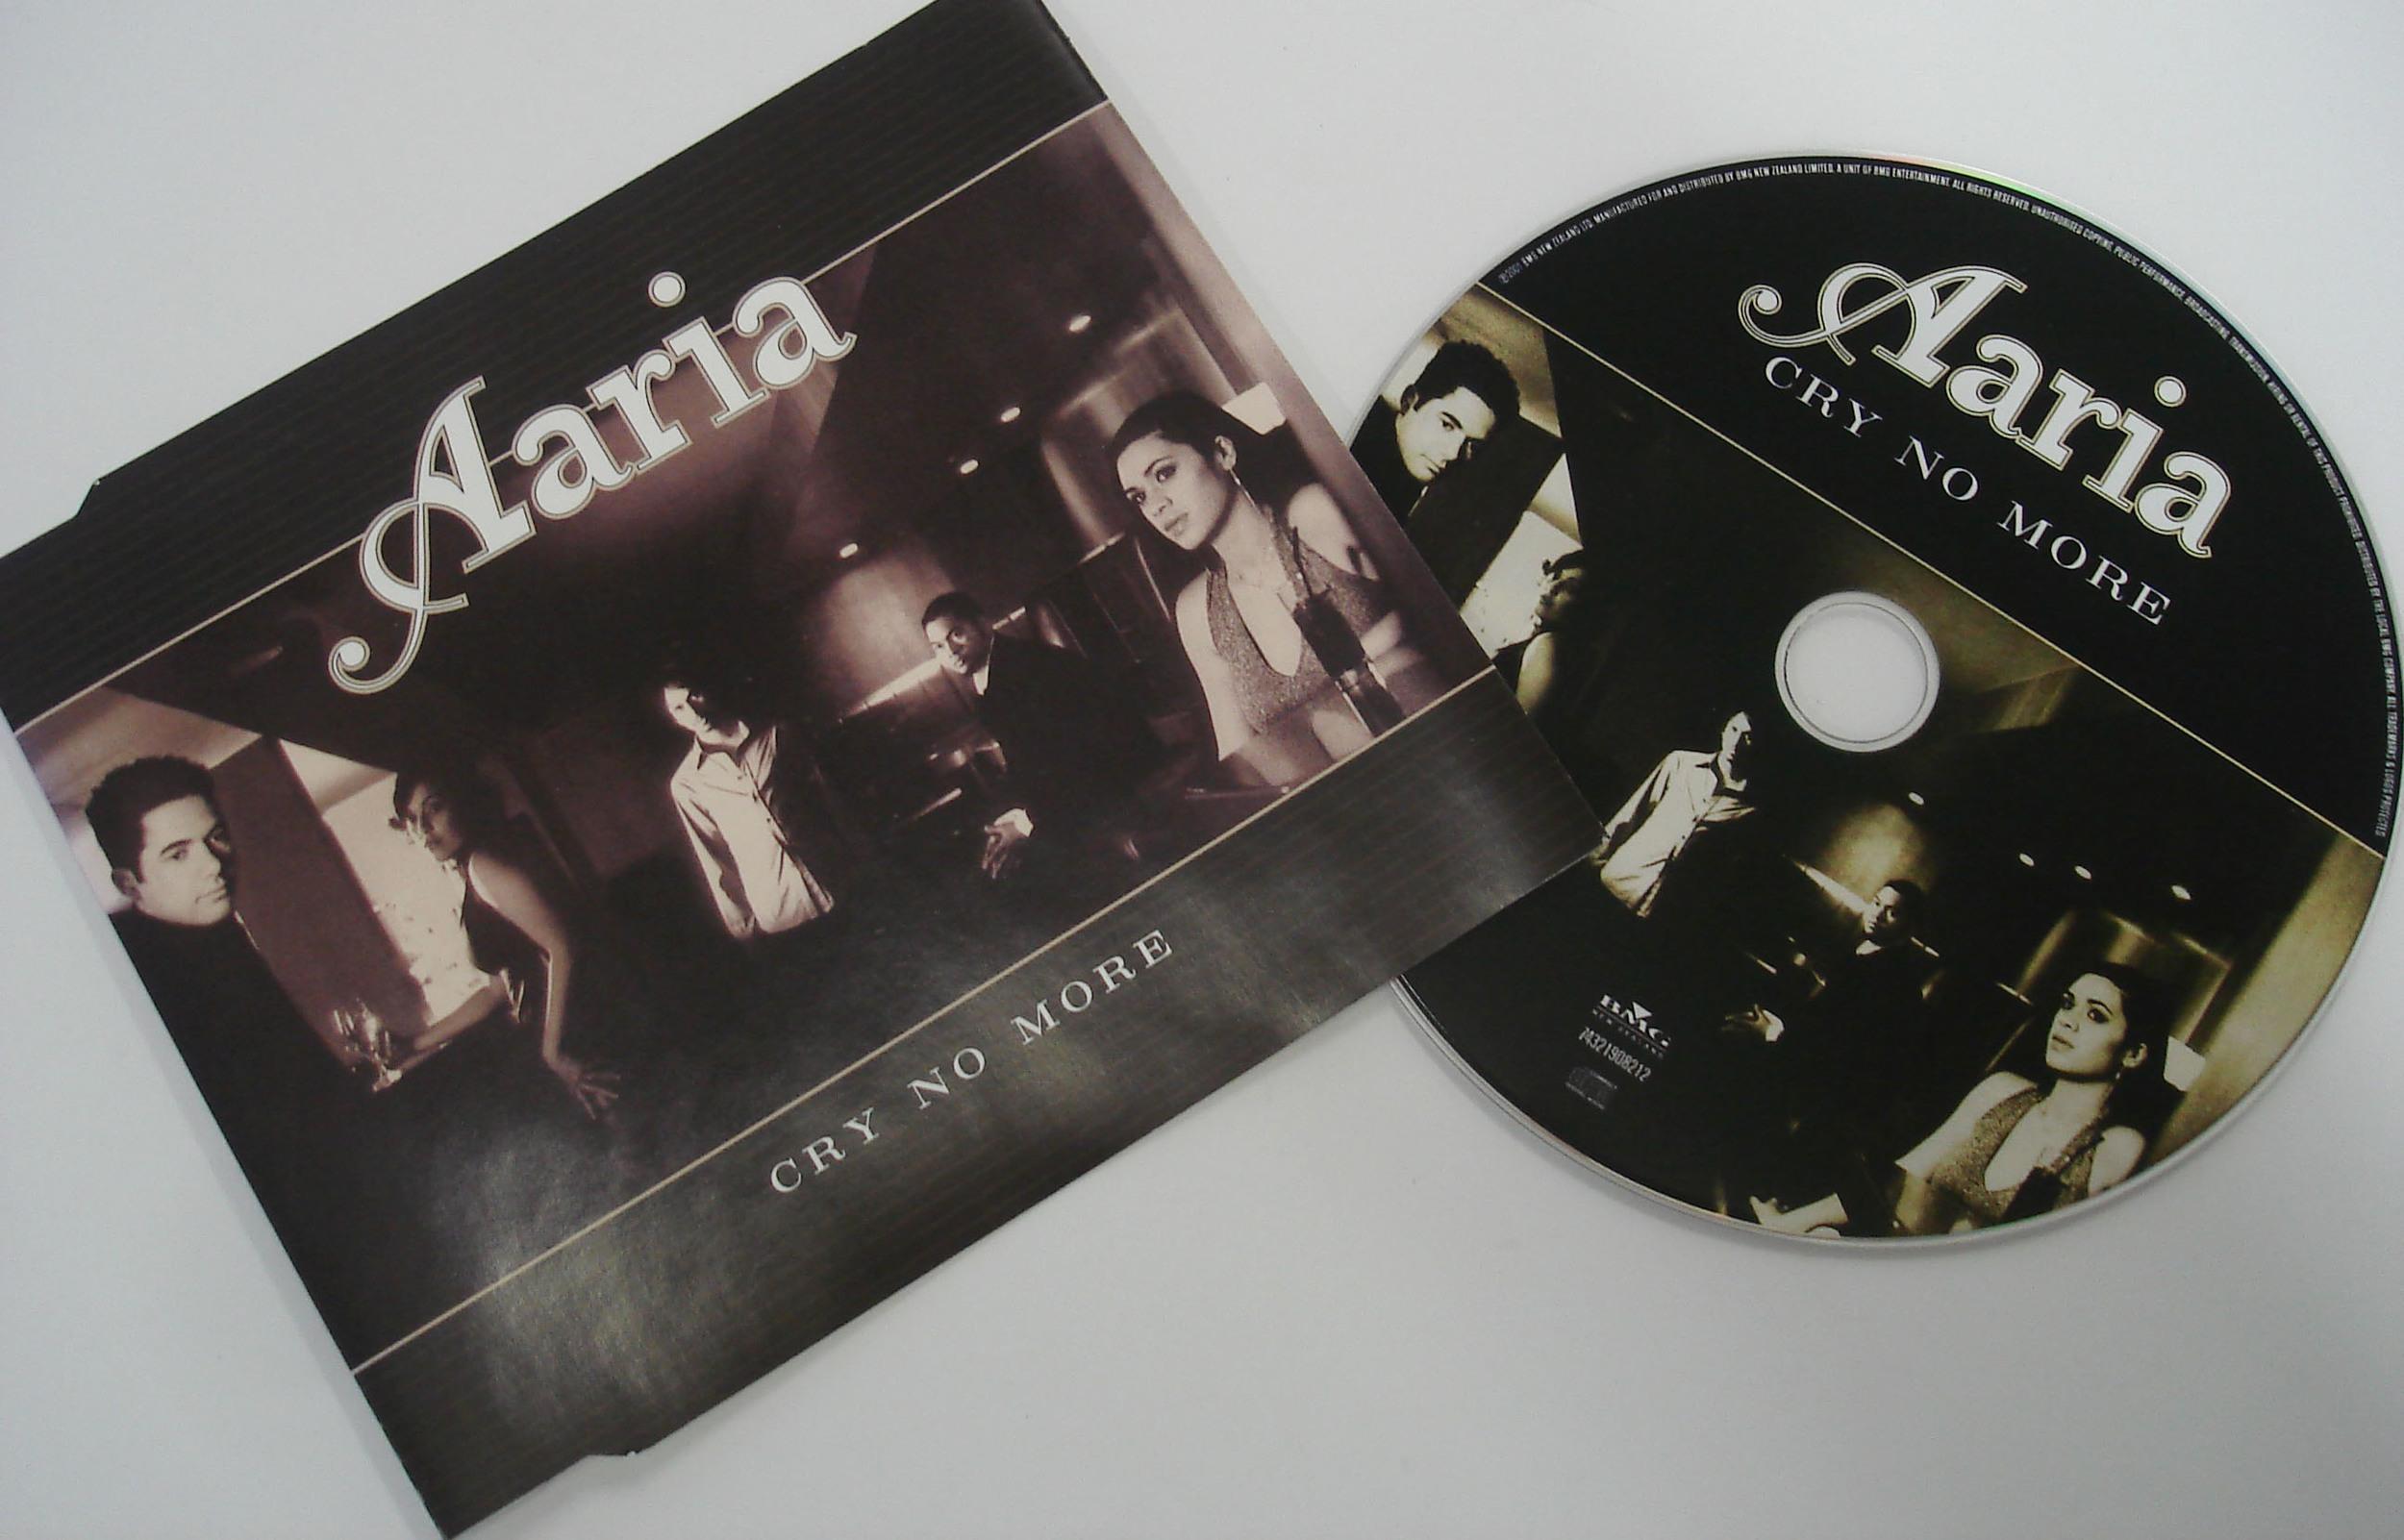 AARIA - CRY NO MORE - SINGLE